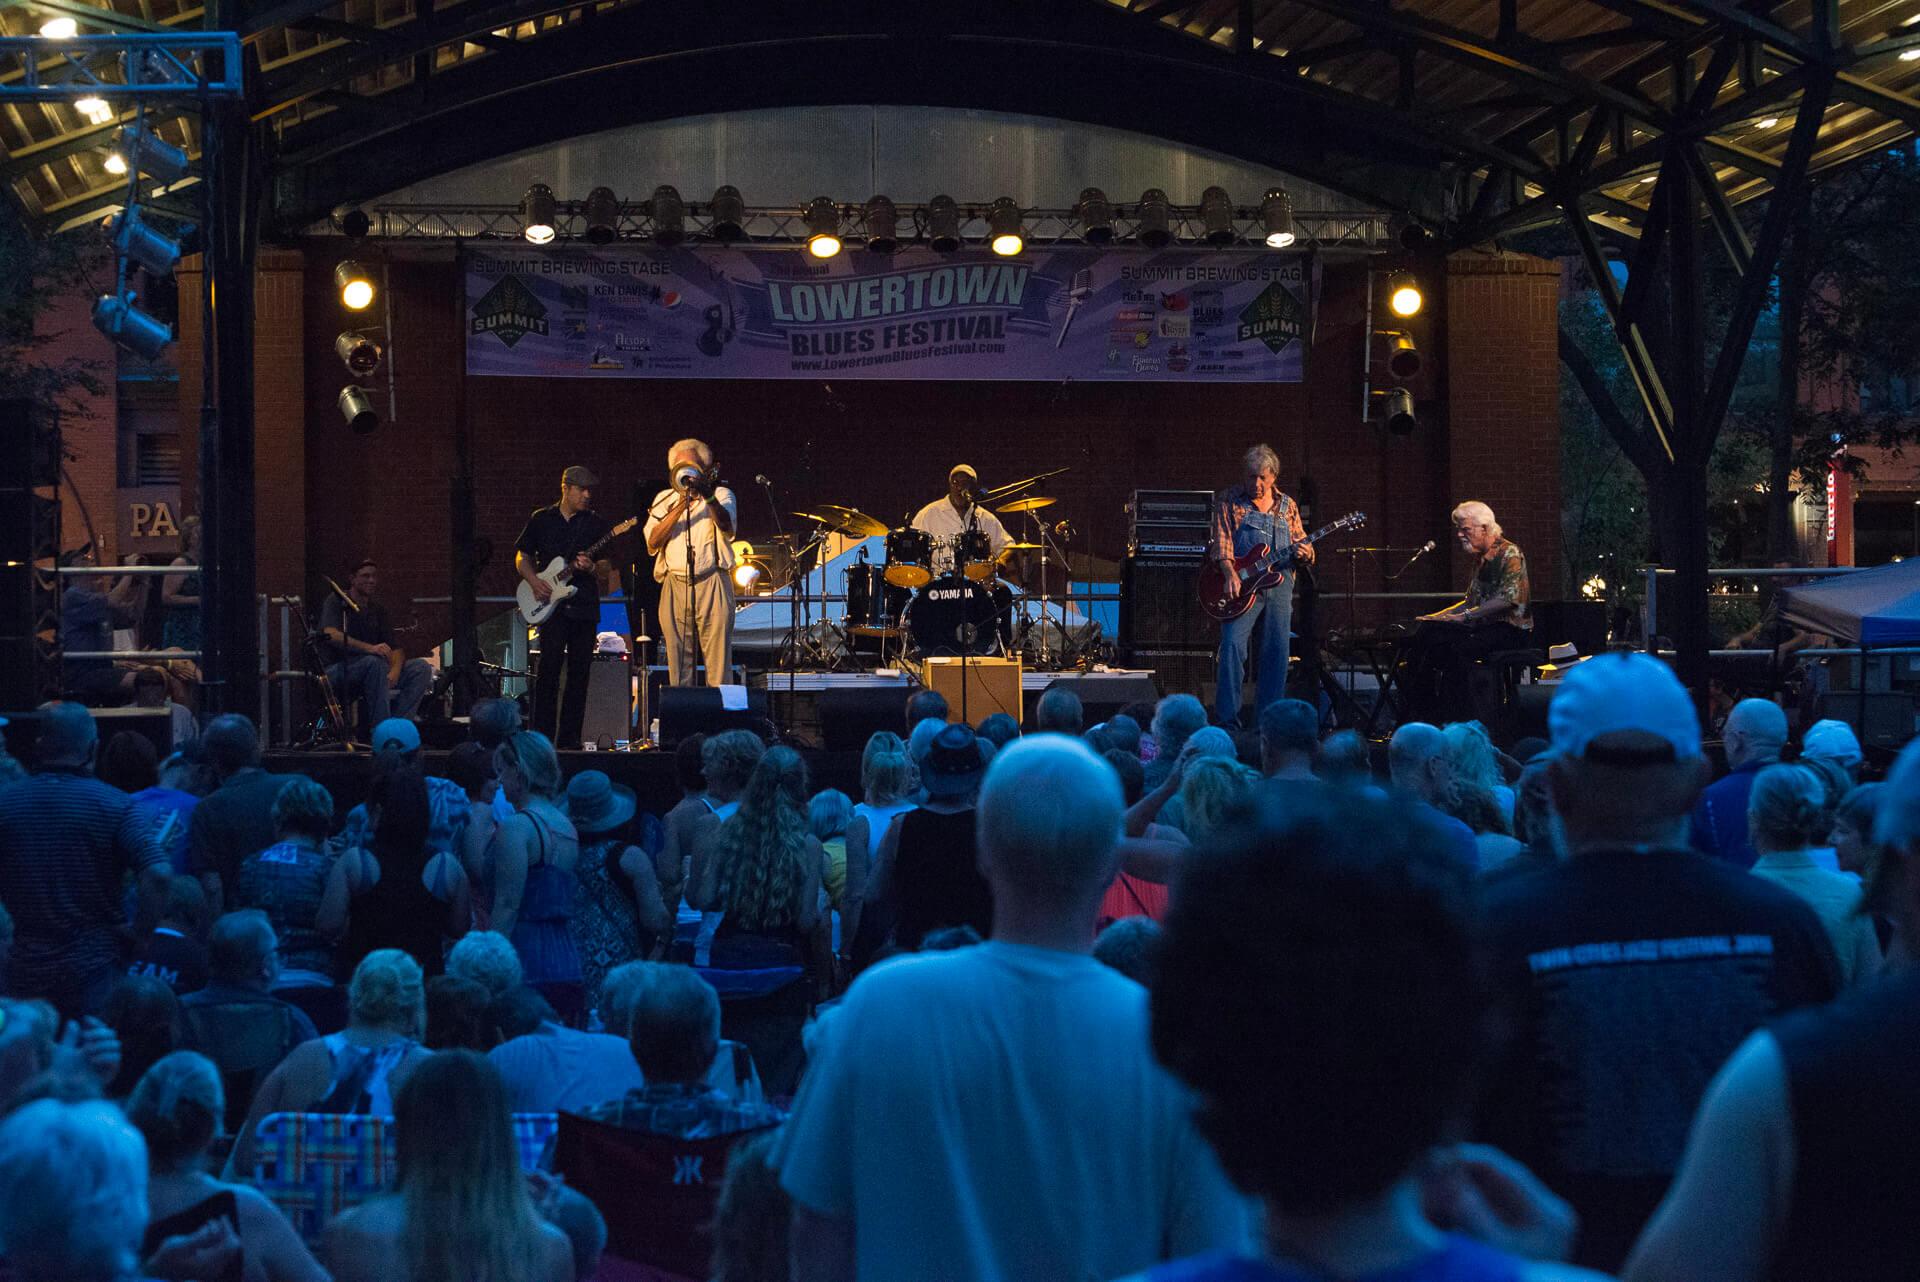 Lowertown Blues Festival in St. Paul